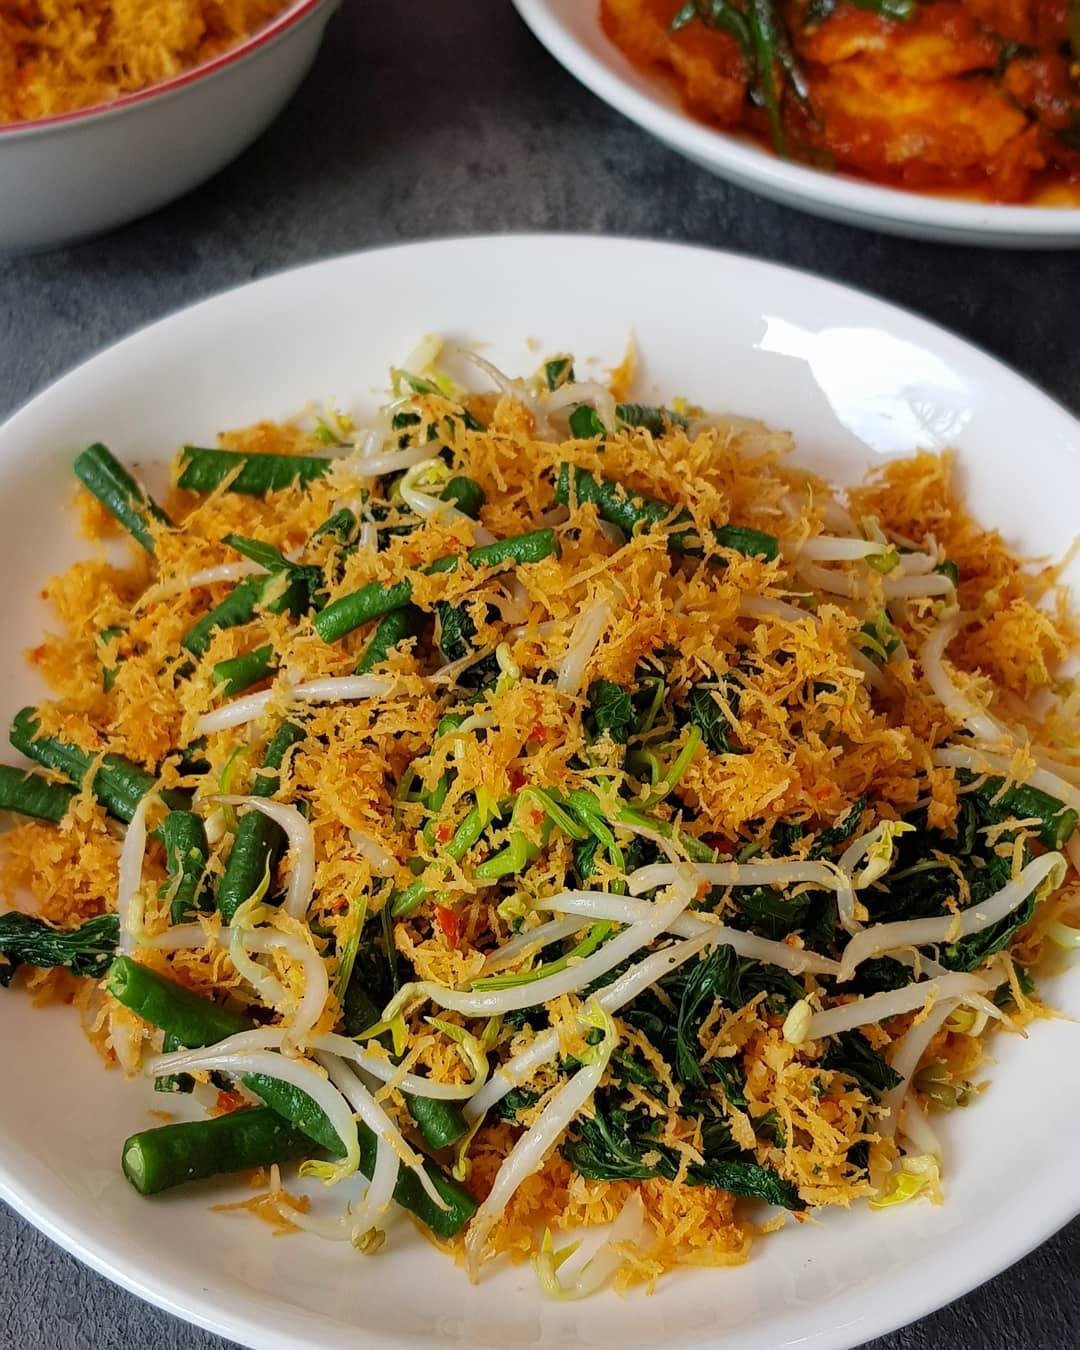 Gambar Makanan Khas Indonesia : gambar, makanan, indonesia, Masakan, Indonesia, Vegan